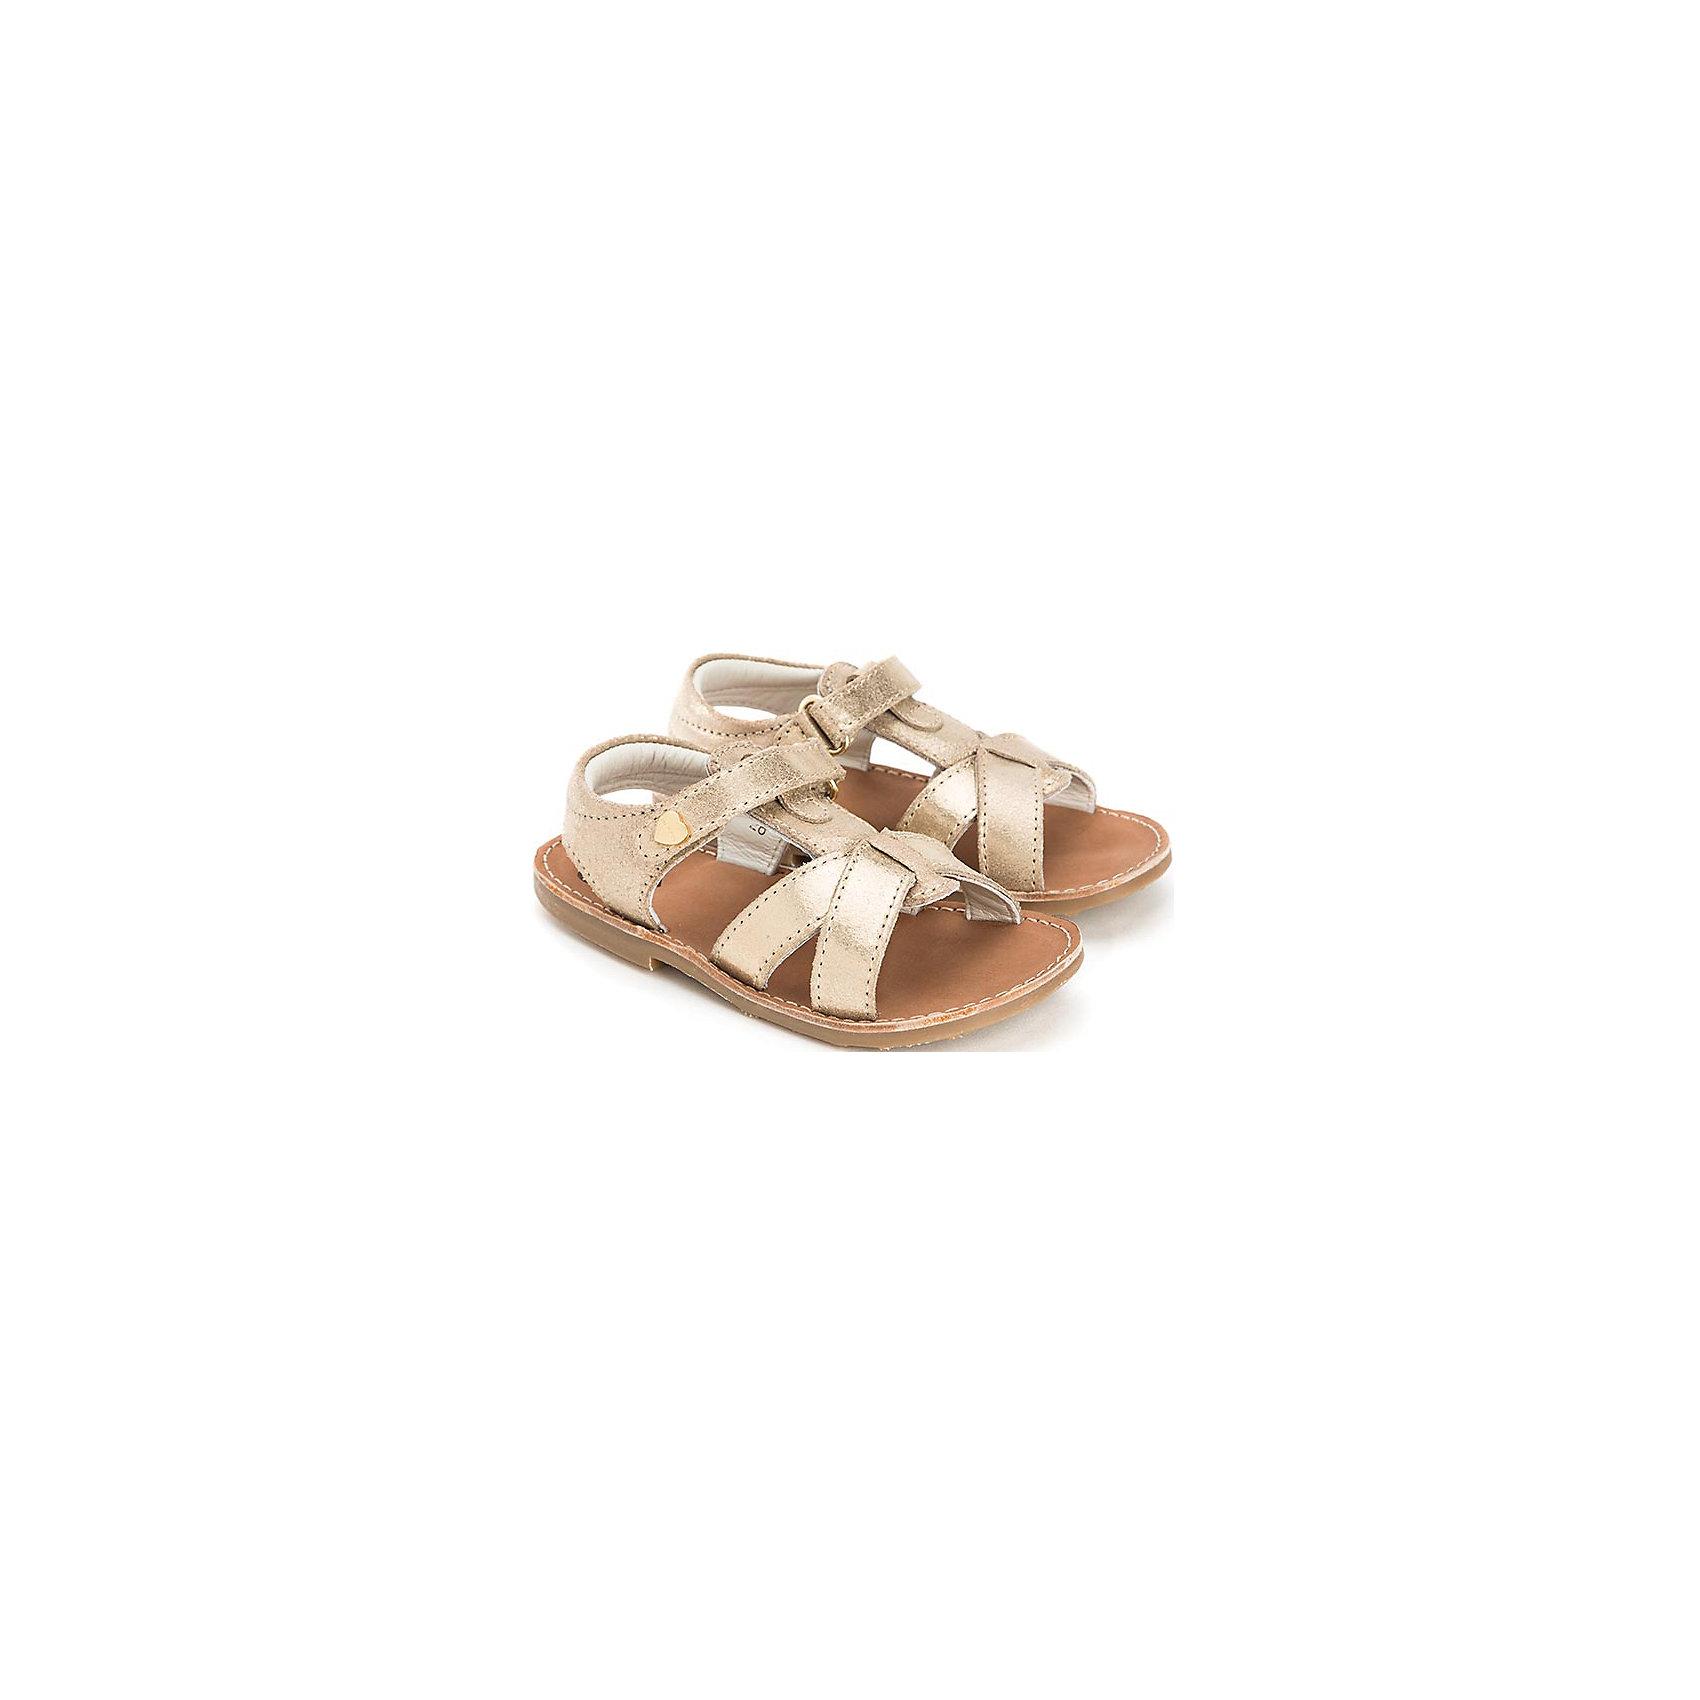 Сандалии для девочки  MayoralСандалии от известной испанской марки Mayoral придутся по вкусу всем юным модницам и займут достойное место в детском гардеробе. <br><br>Дополнительная информация:<br><br>- Маленький каблук.<br>- Застегиваются на липучки. <br>- Отстрочка по периметру подошвы. <br>- Вставки из золотой кожи.<br>- Декорированы маленькими золотыми сердечками. <br>- Состав: материал верха - 100 % натуральная кожа; подкладка, стелька - 100% кожа; подошва - 100% полиуретан.<br><br>Сандалии Mayoral (Майорал) можно купить в нашем магазине.<br><br>Ширина мм: 219<br>Глубина мм: 154<br>Высота мм: 121<br>Вес г: 343<br>Цвет: серый<br>Возраст от месяцев: 24<br>Возраст до месяцев: 36<br>Пол: Женский<br>Возраст: Детский<br>Размер: 33,30,26,29,27,28,31,32,34,35<br>SKU: 4539778